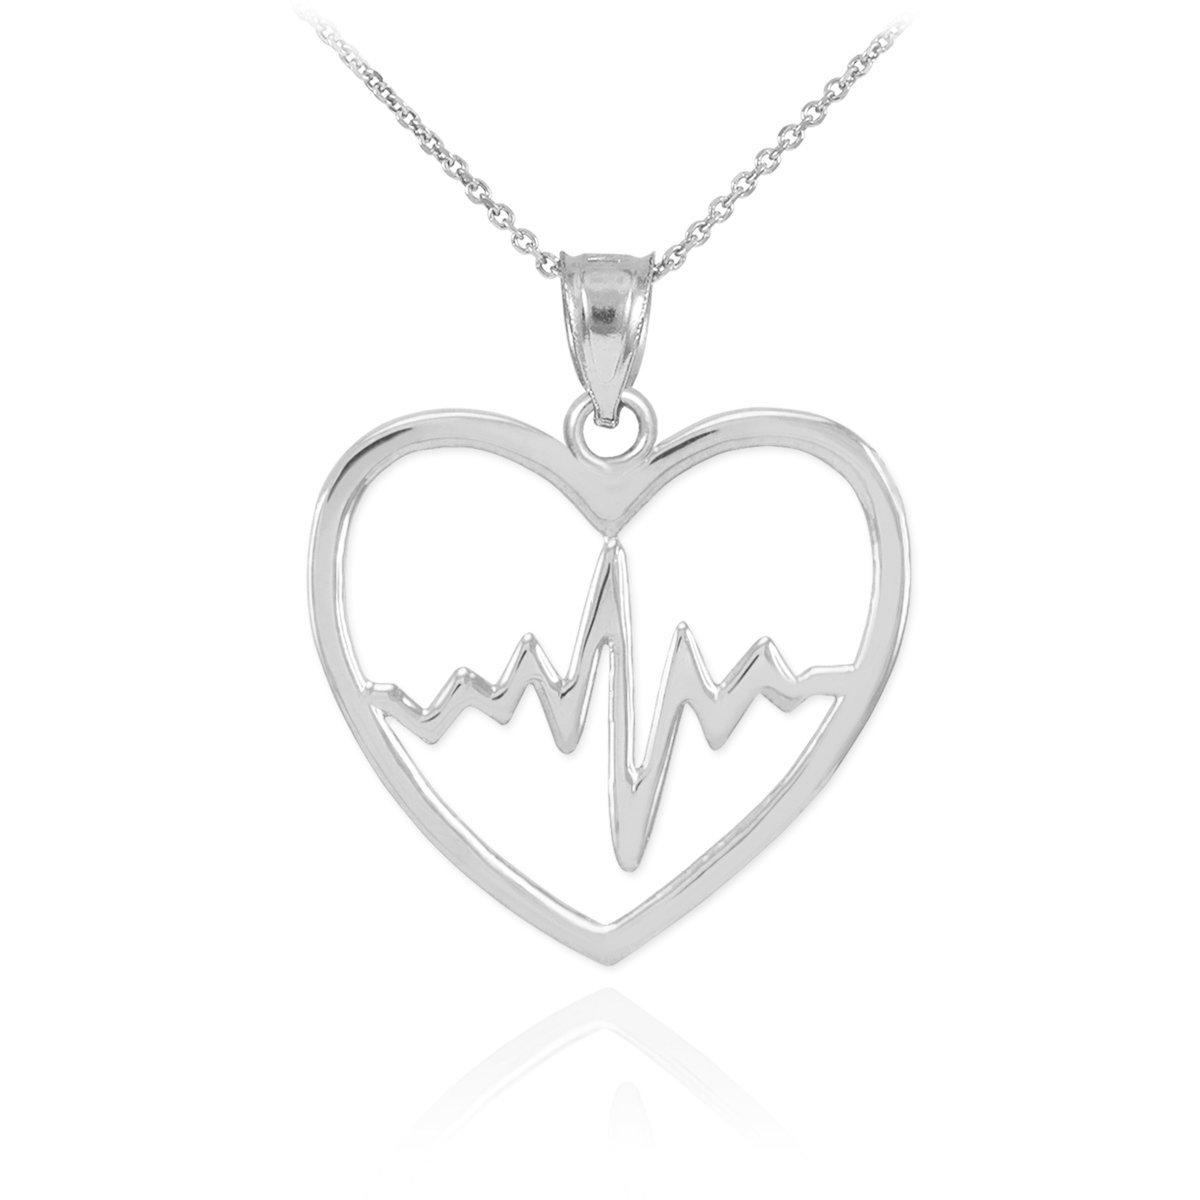 925 Sterling Silver Lifeline Pulse Heartbeat Charm Open Heart Pendant Necklace